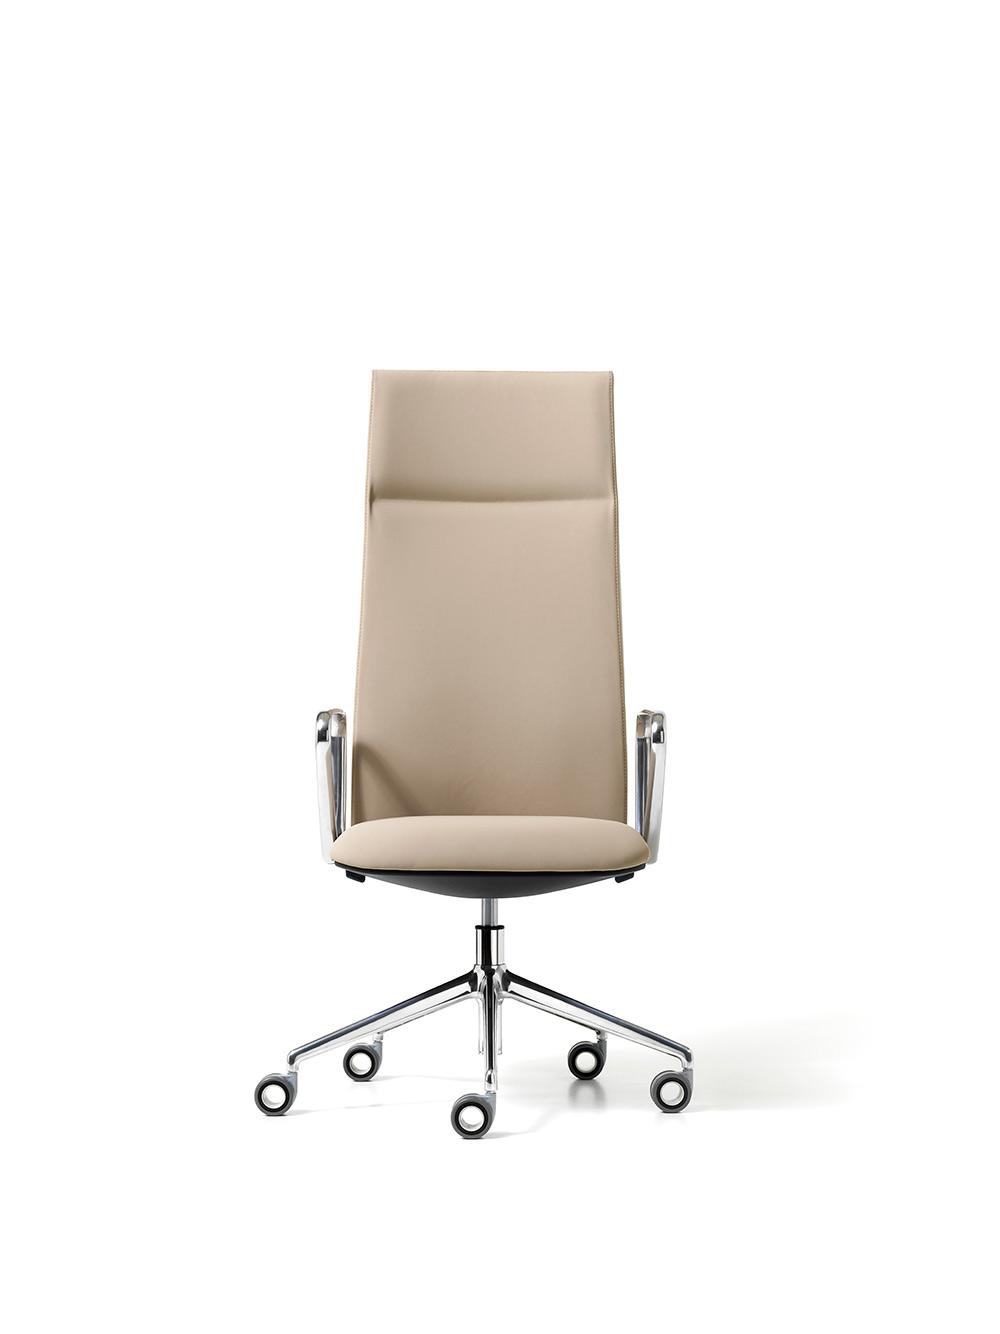 Vendita sedute direzionali per uffici e agenzie Comtec s.r.l. Via Dalmazia 51 20100 Varese